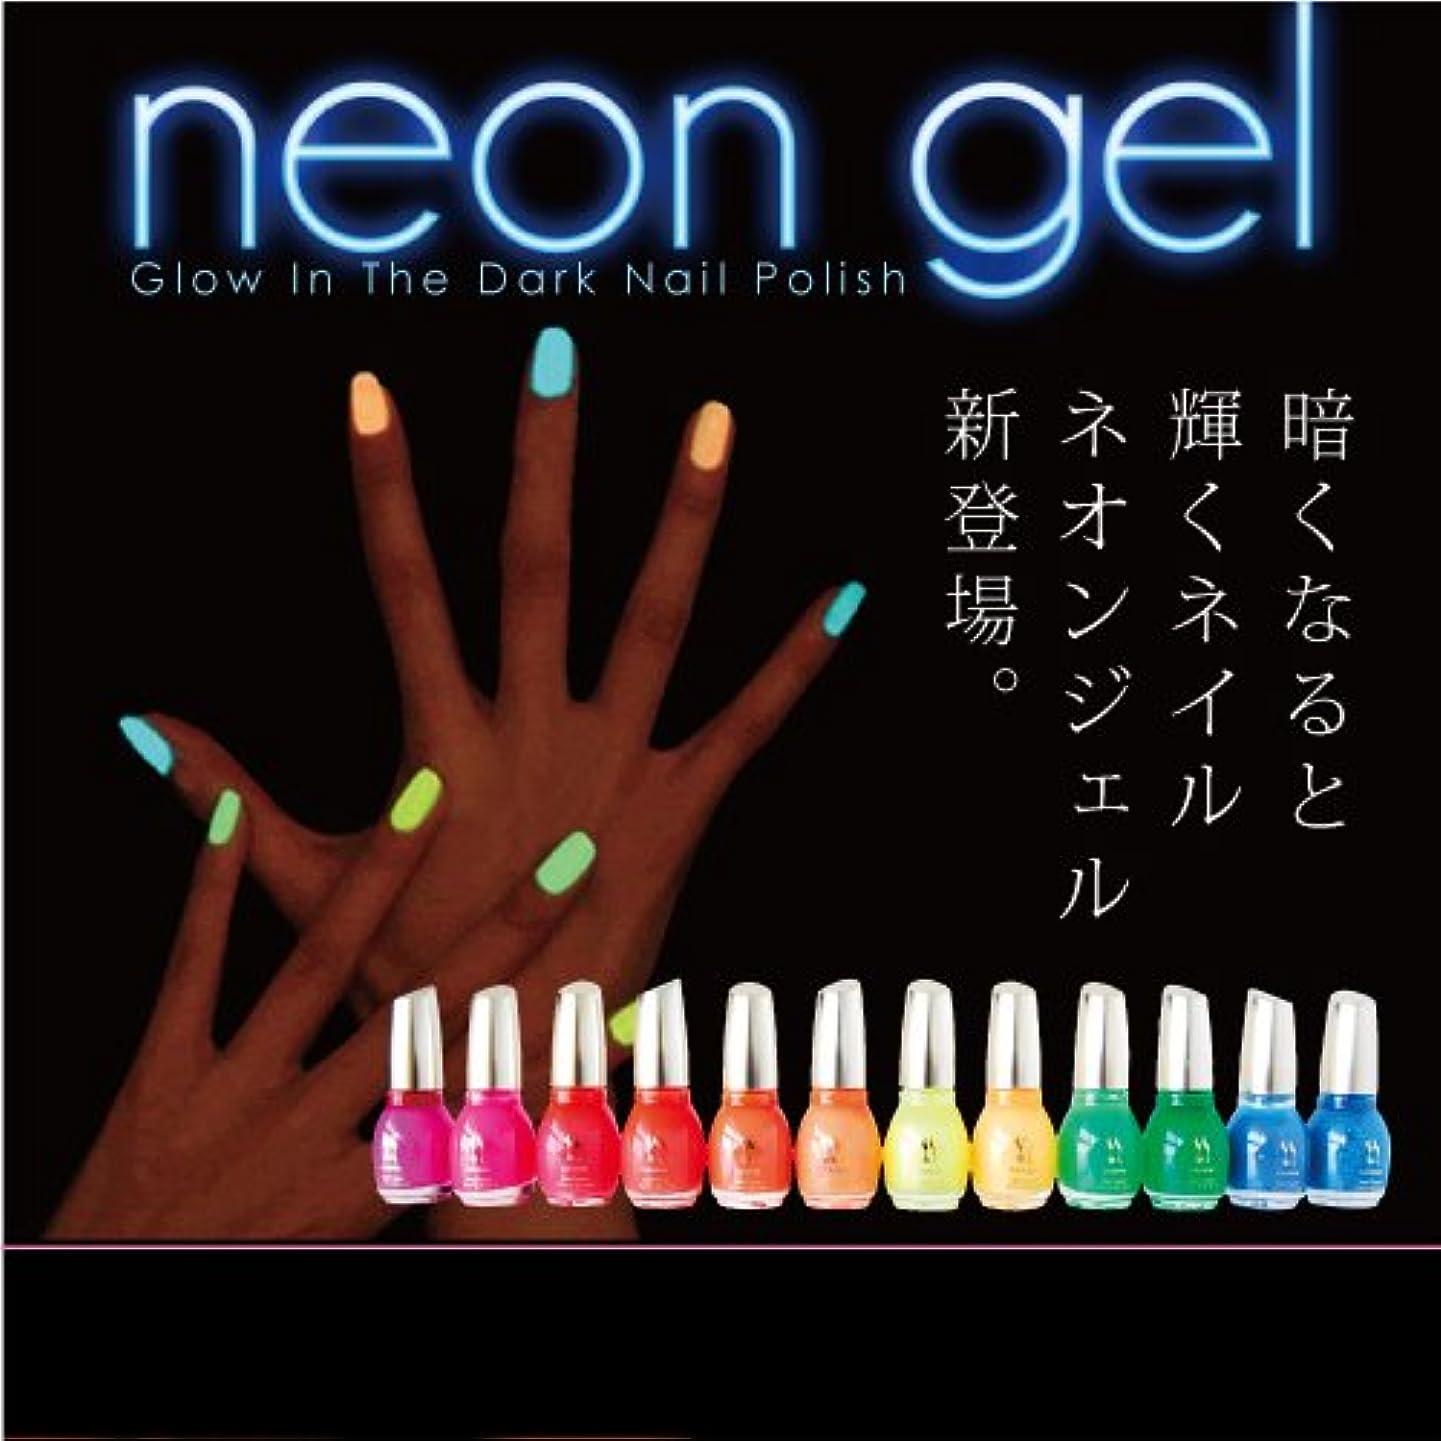 ベスト準備した寛大なNeon Gel -Glow In The Dark- 蛍光ネイルポリッシュ 15ml カラー:11 レモン [マニキュア ネイルカラー ジェルネイルカラー ネイルポリッシュ SHANTI]